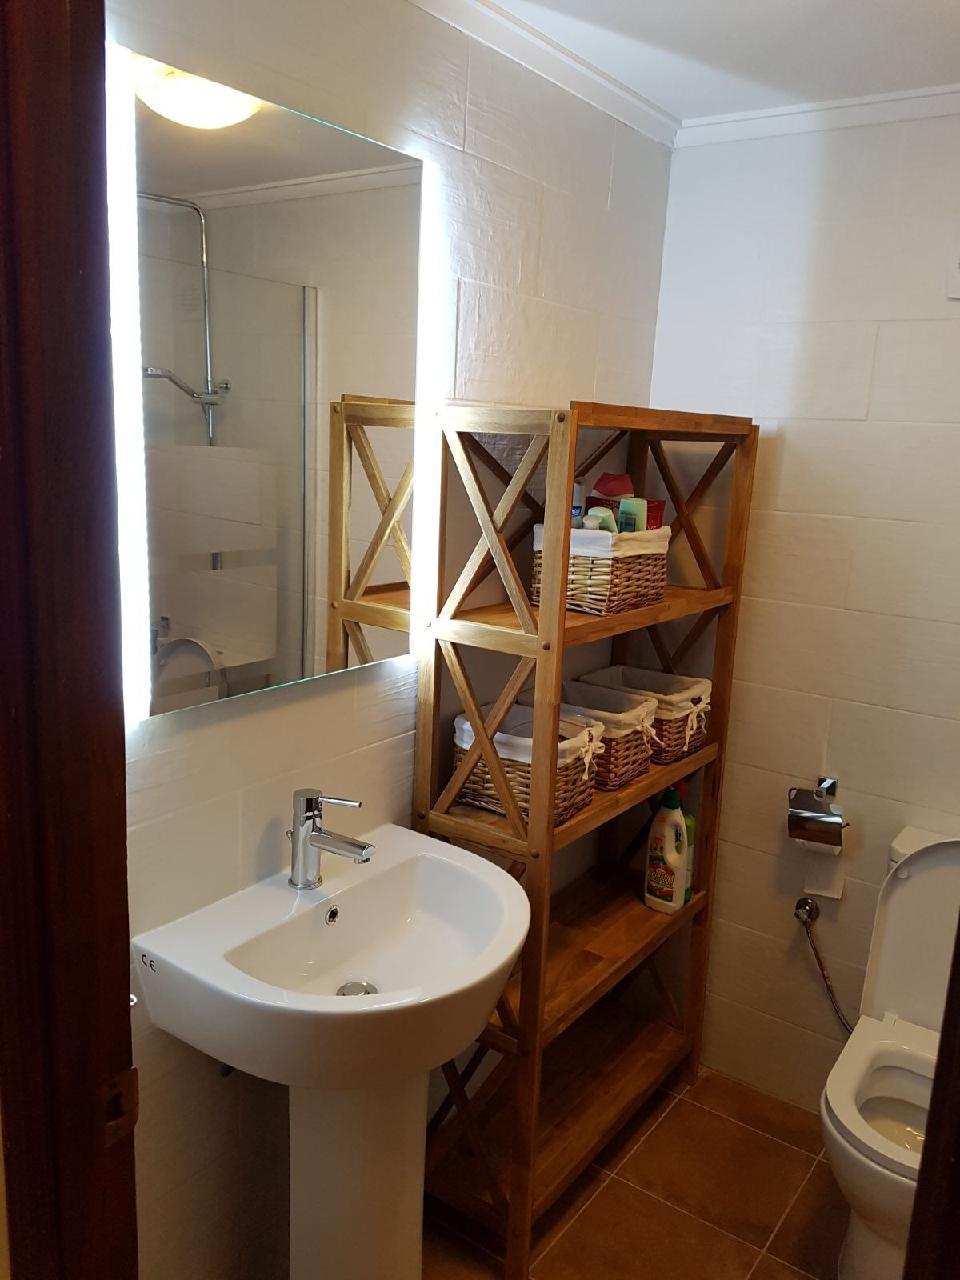 Ferienwohnung Sonnige 3.5 Zi-Wohnung am Meer (1026876), Torrevieja, Costa Blanca, Valencia, Spanien, Bild 16